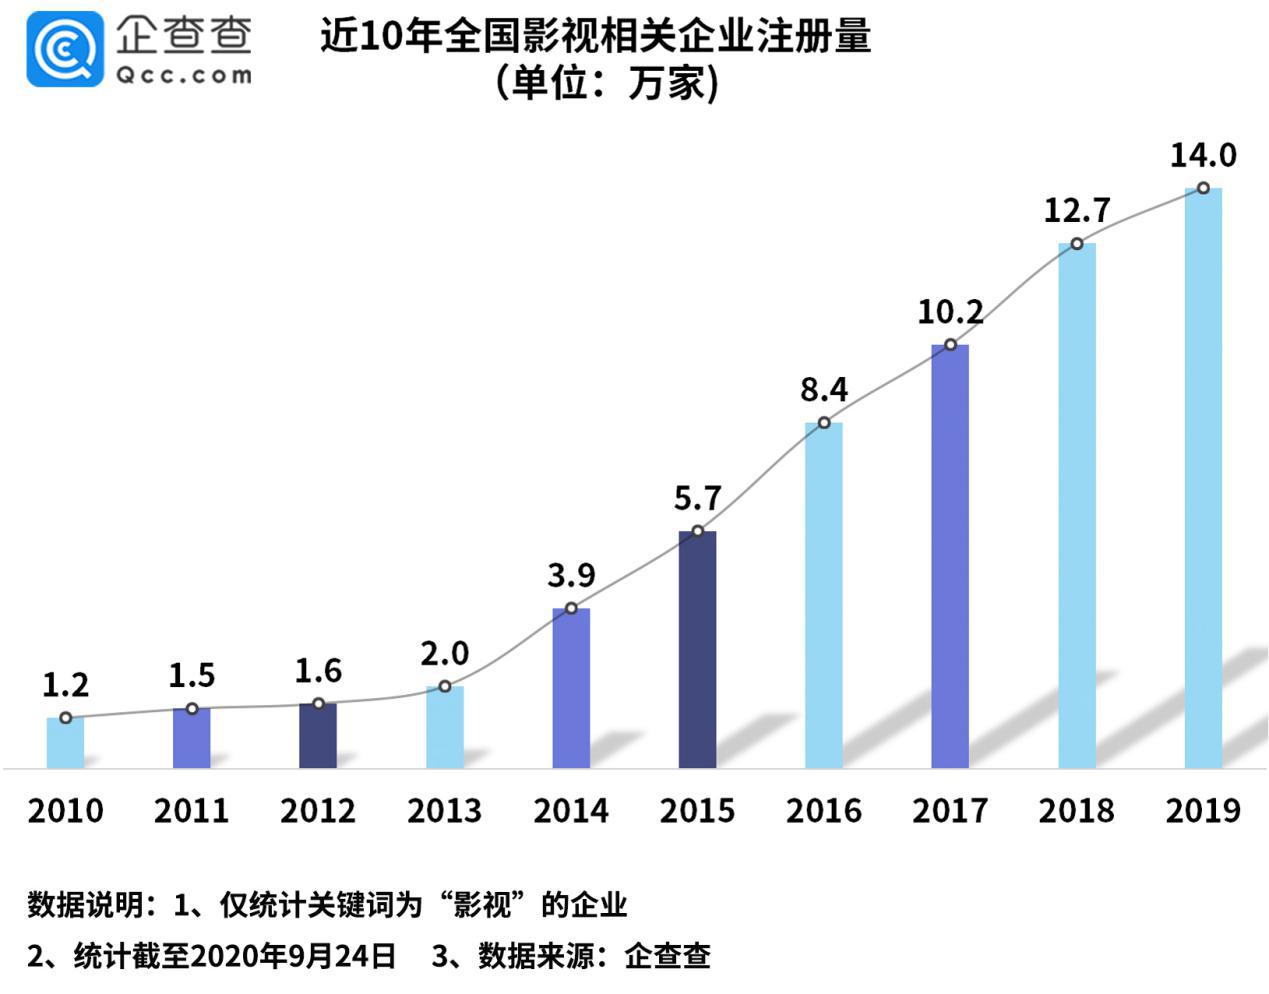 国庆档看影视业:相关企业三季度增3.1万家,环比降15.5%图片